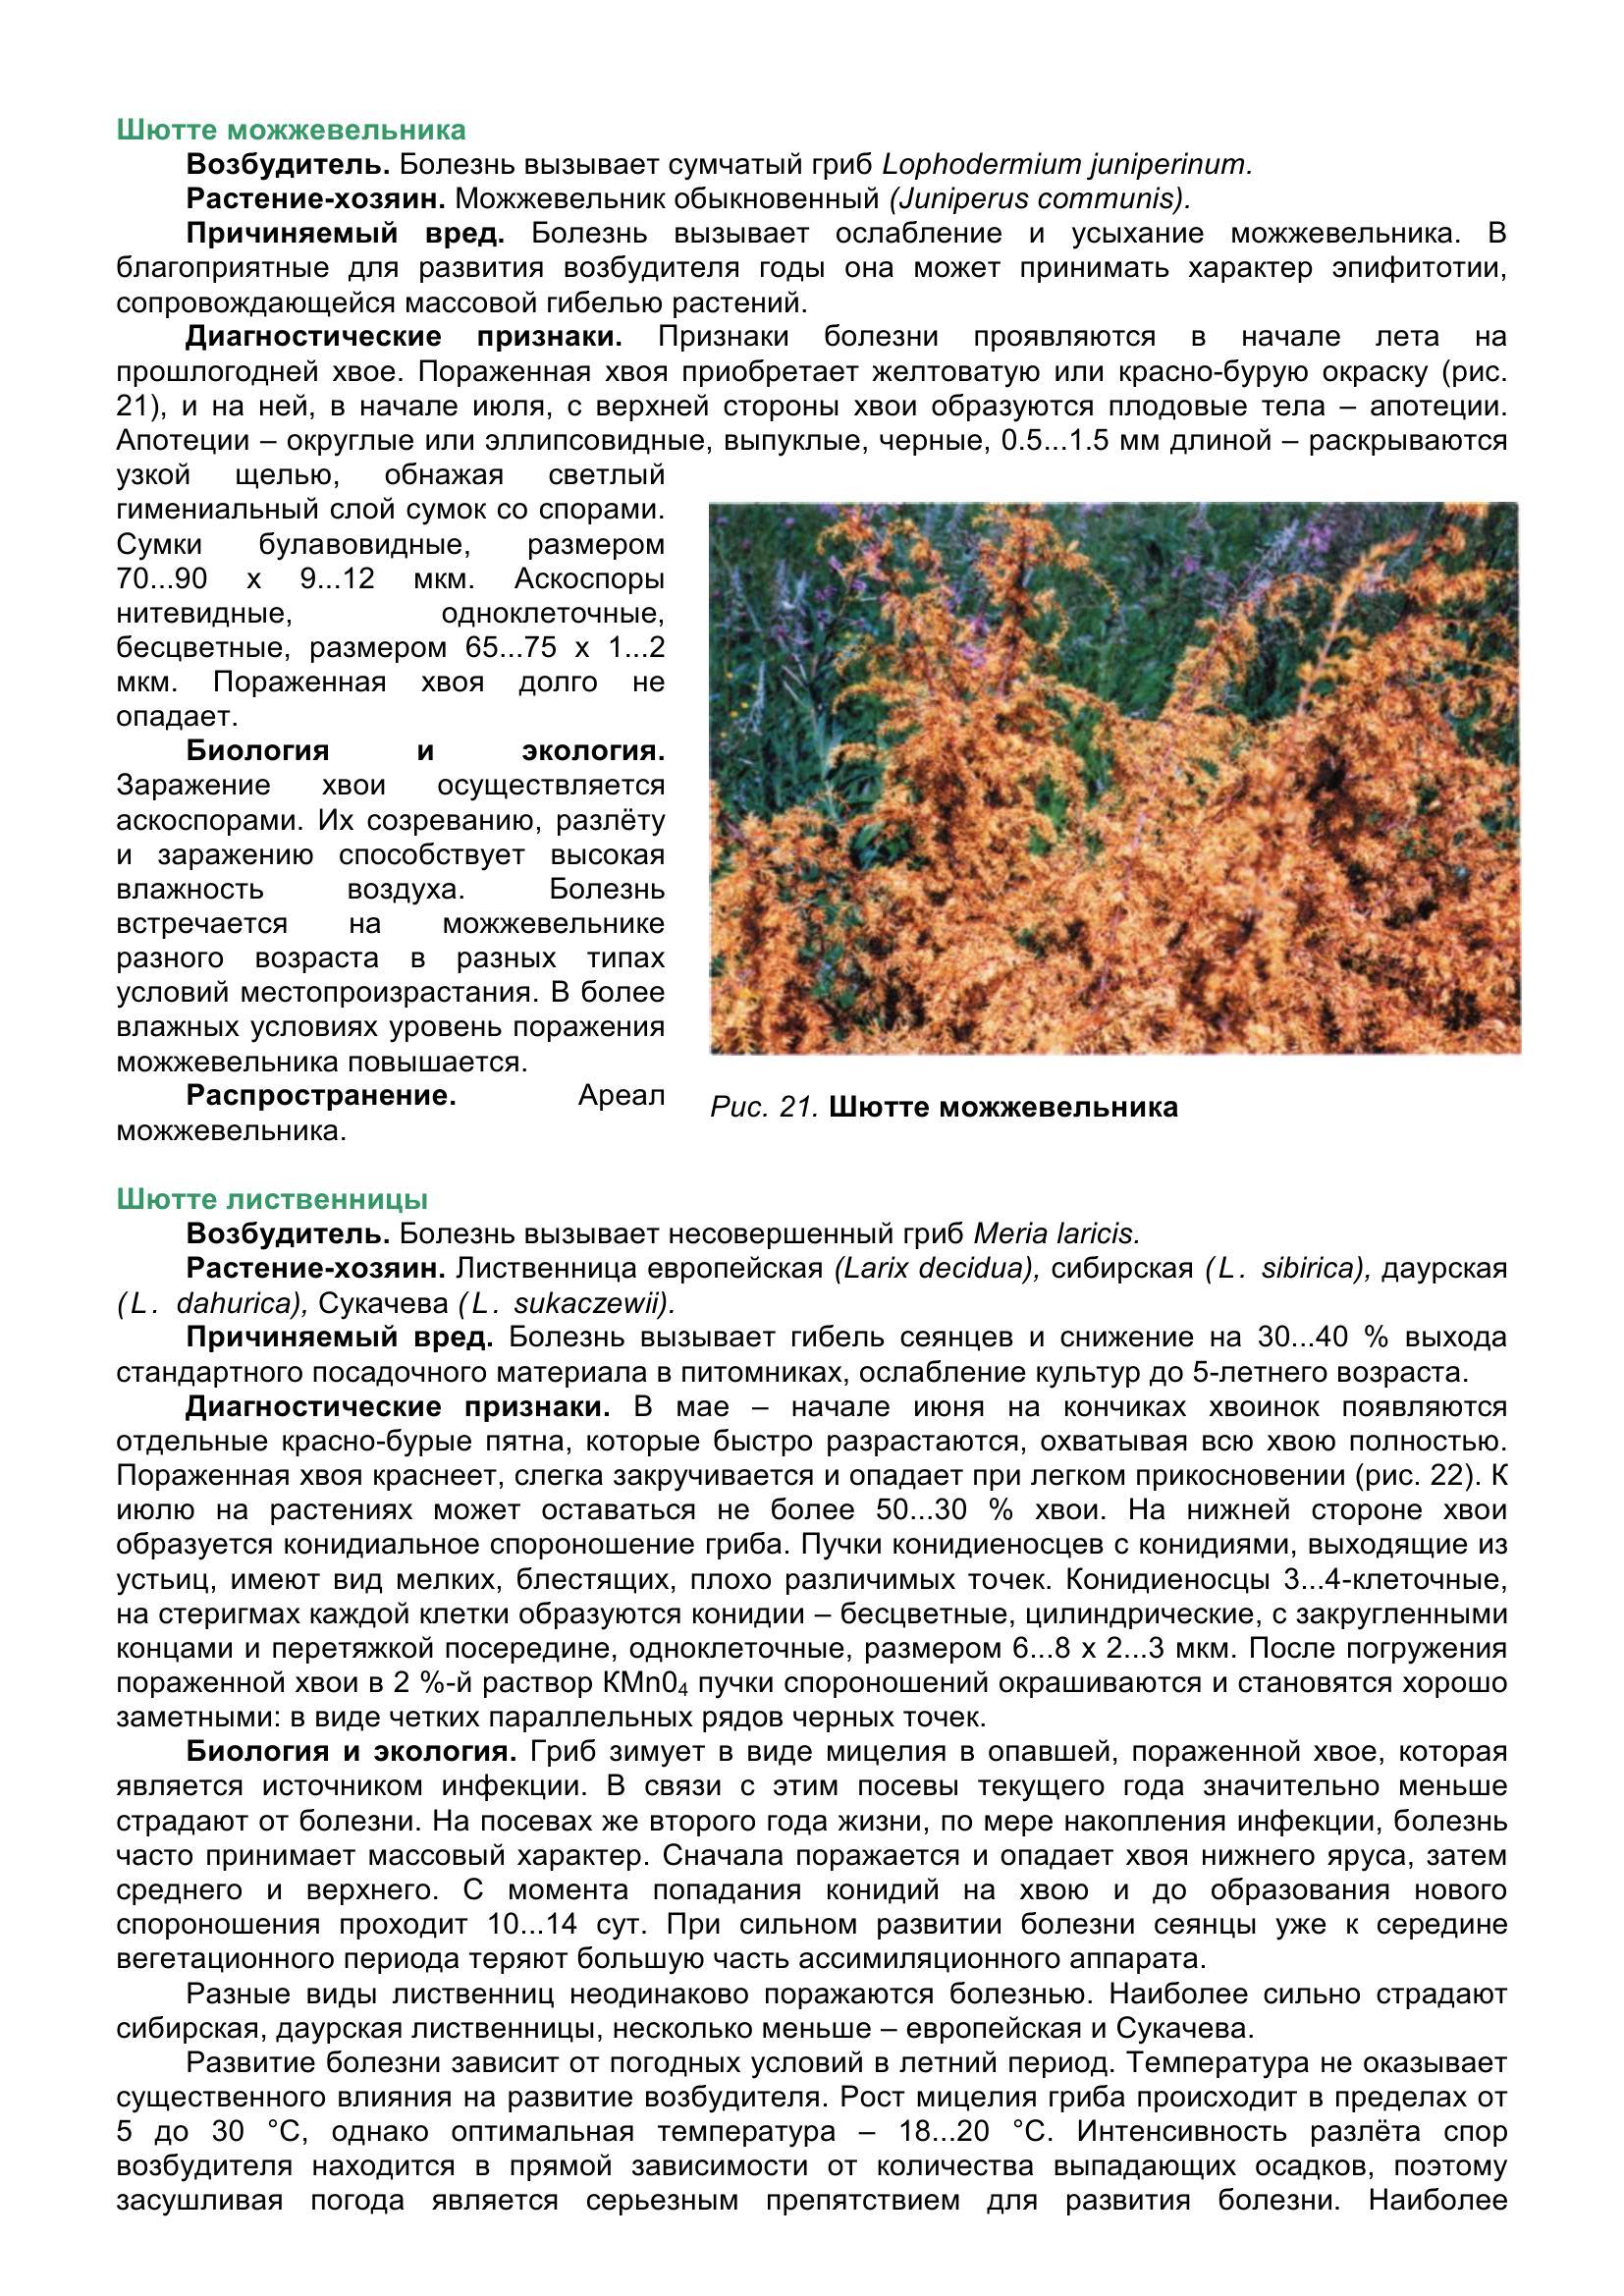 Болезни_древесных_растений_041.jpg